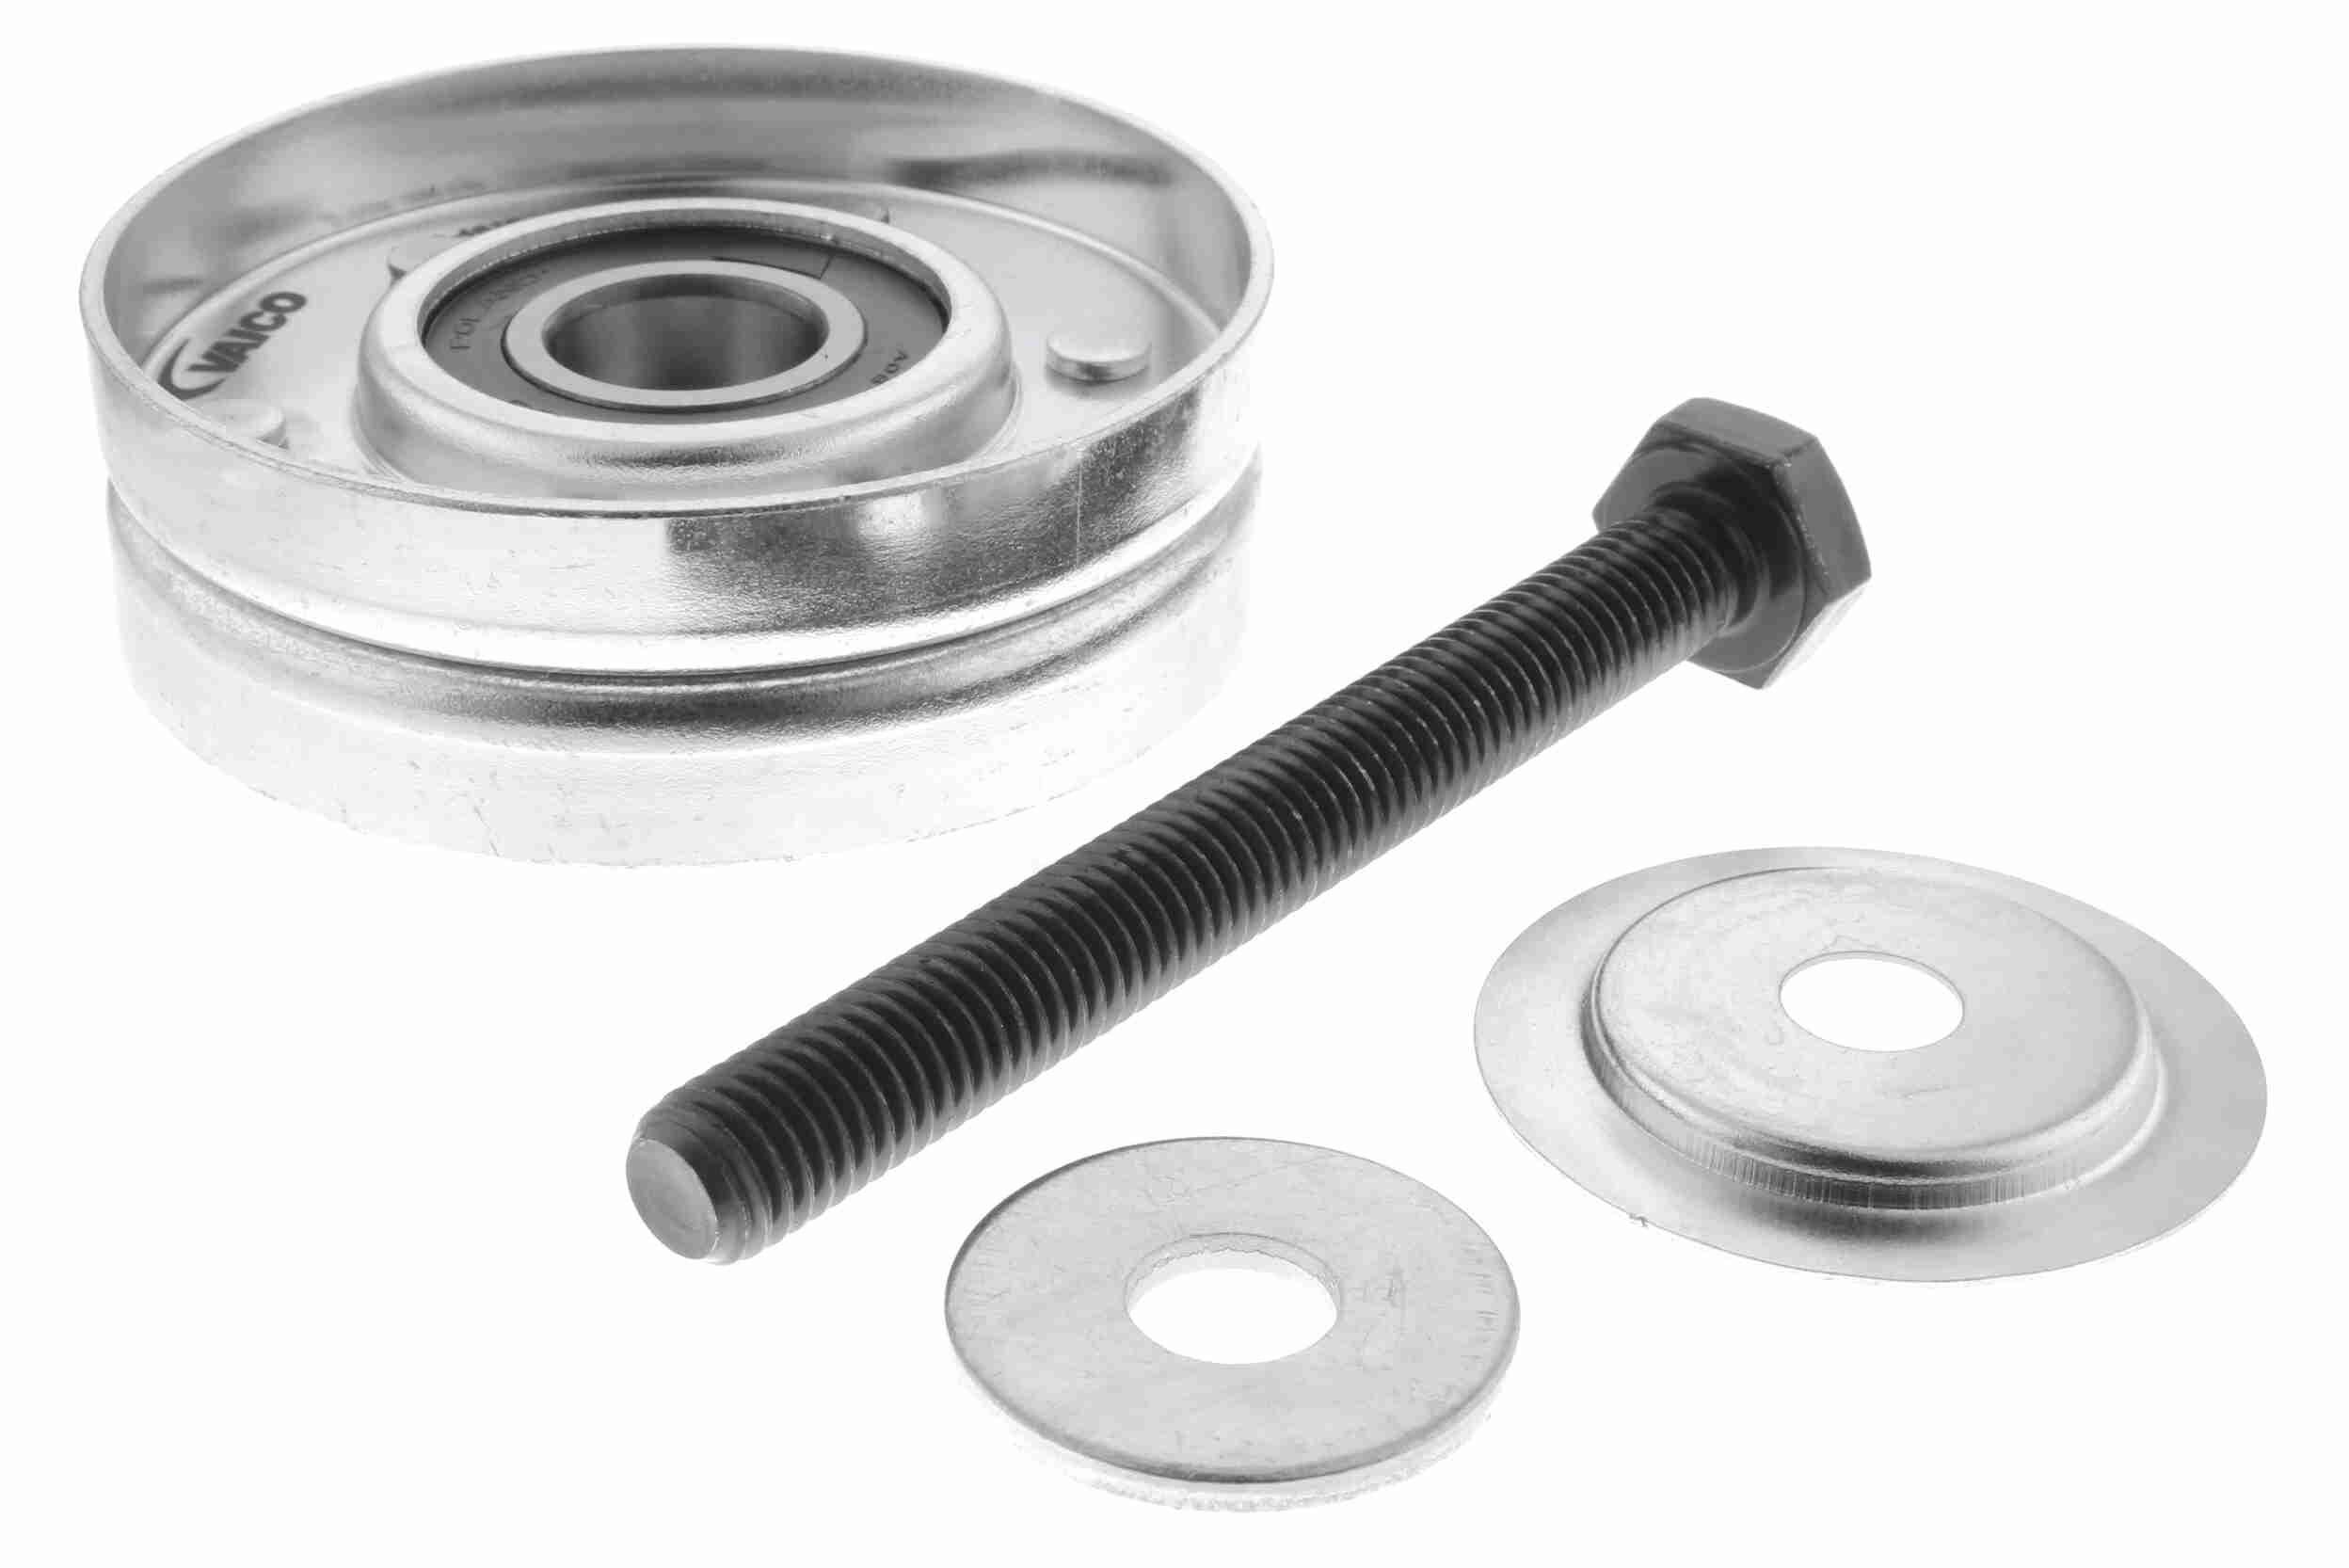 Umlenkrolle Keilrippenriemen V10-4615 VAICO V10-4615 in Original Qualität